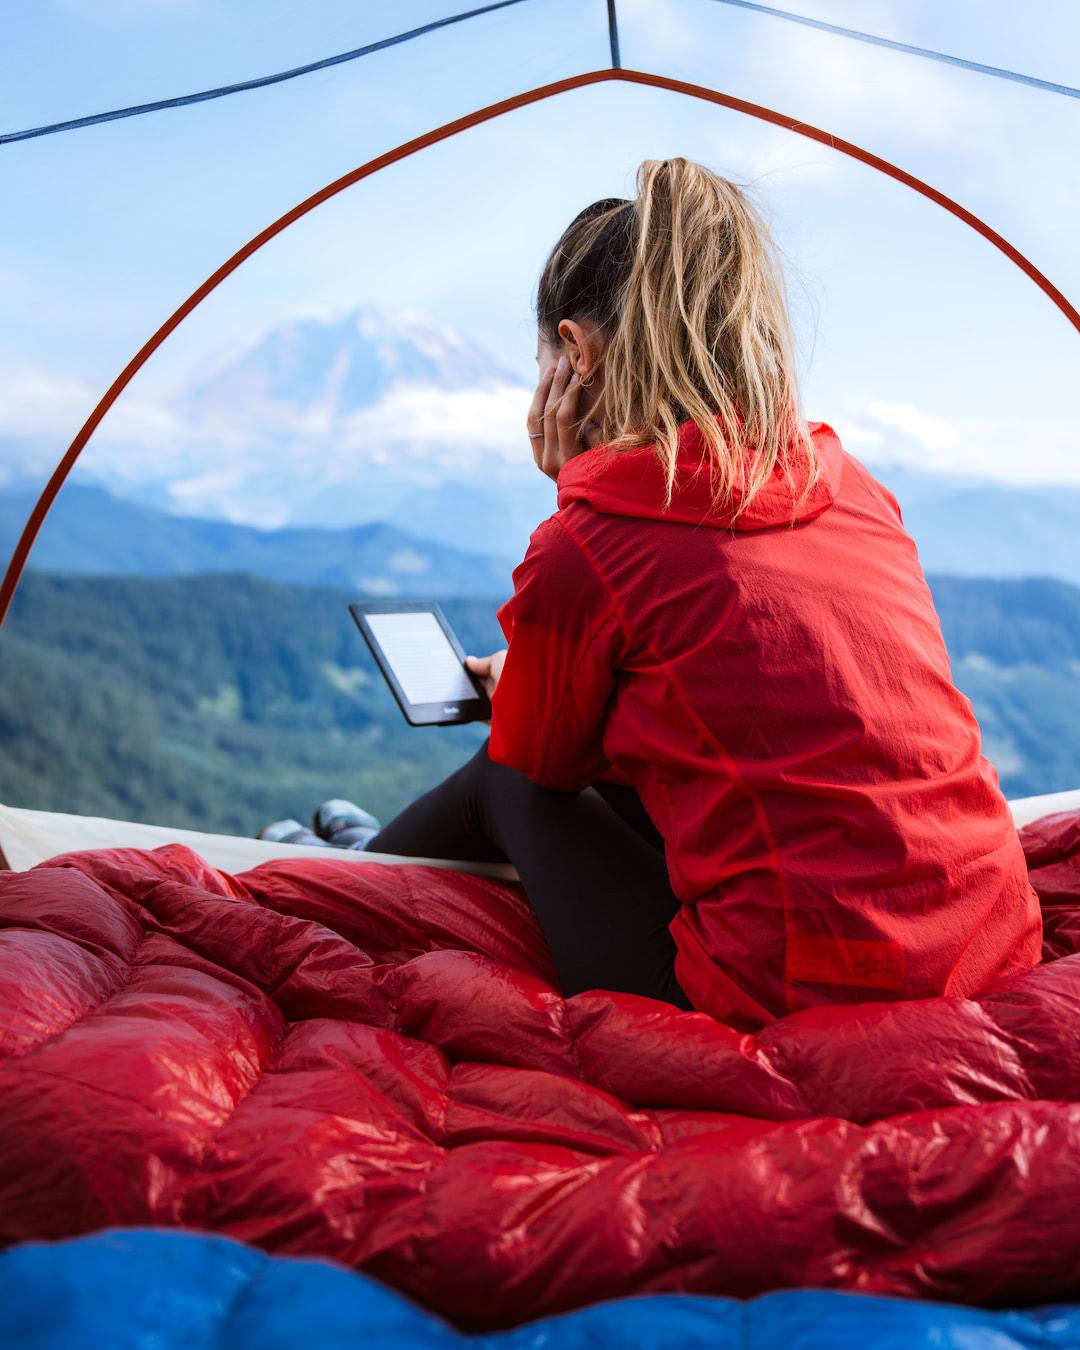 Holy Grail Hiking and Camping Gear - 2019 Edition - Renee Roaming - Washington Camping